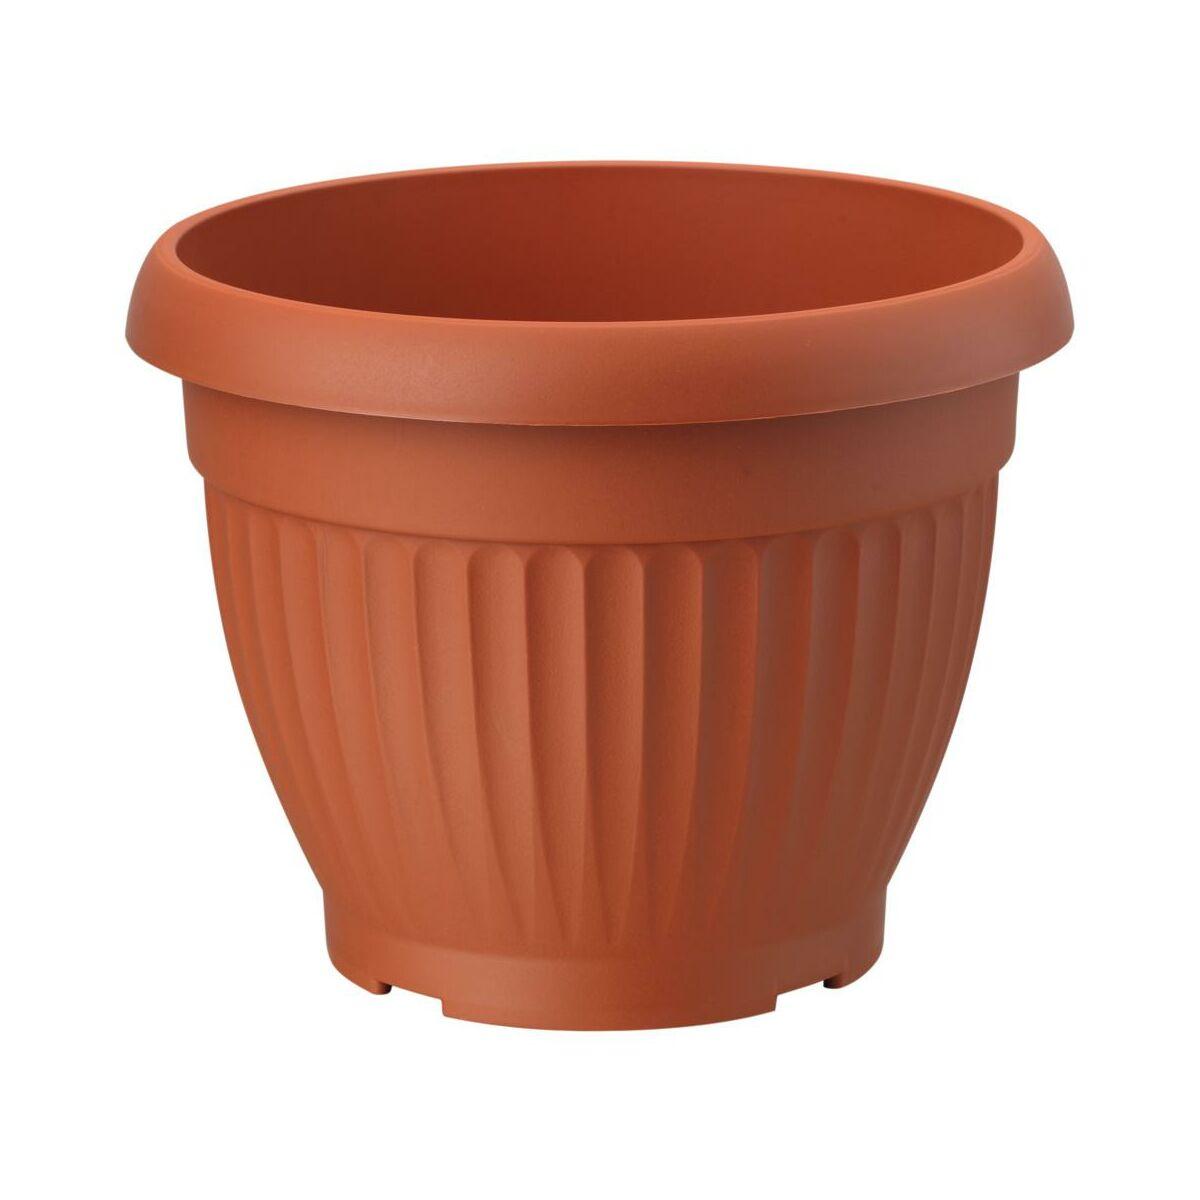 Doniczka Plastikowa 23 Cm Terrakota Dona Form Plastic